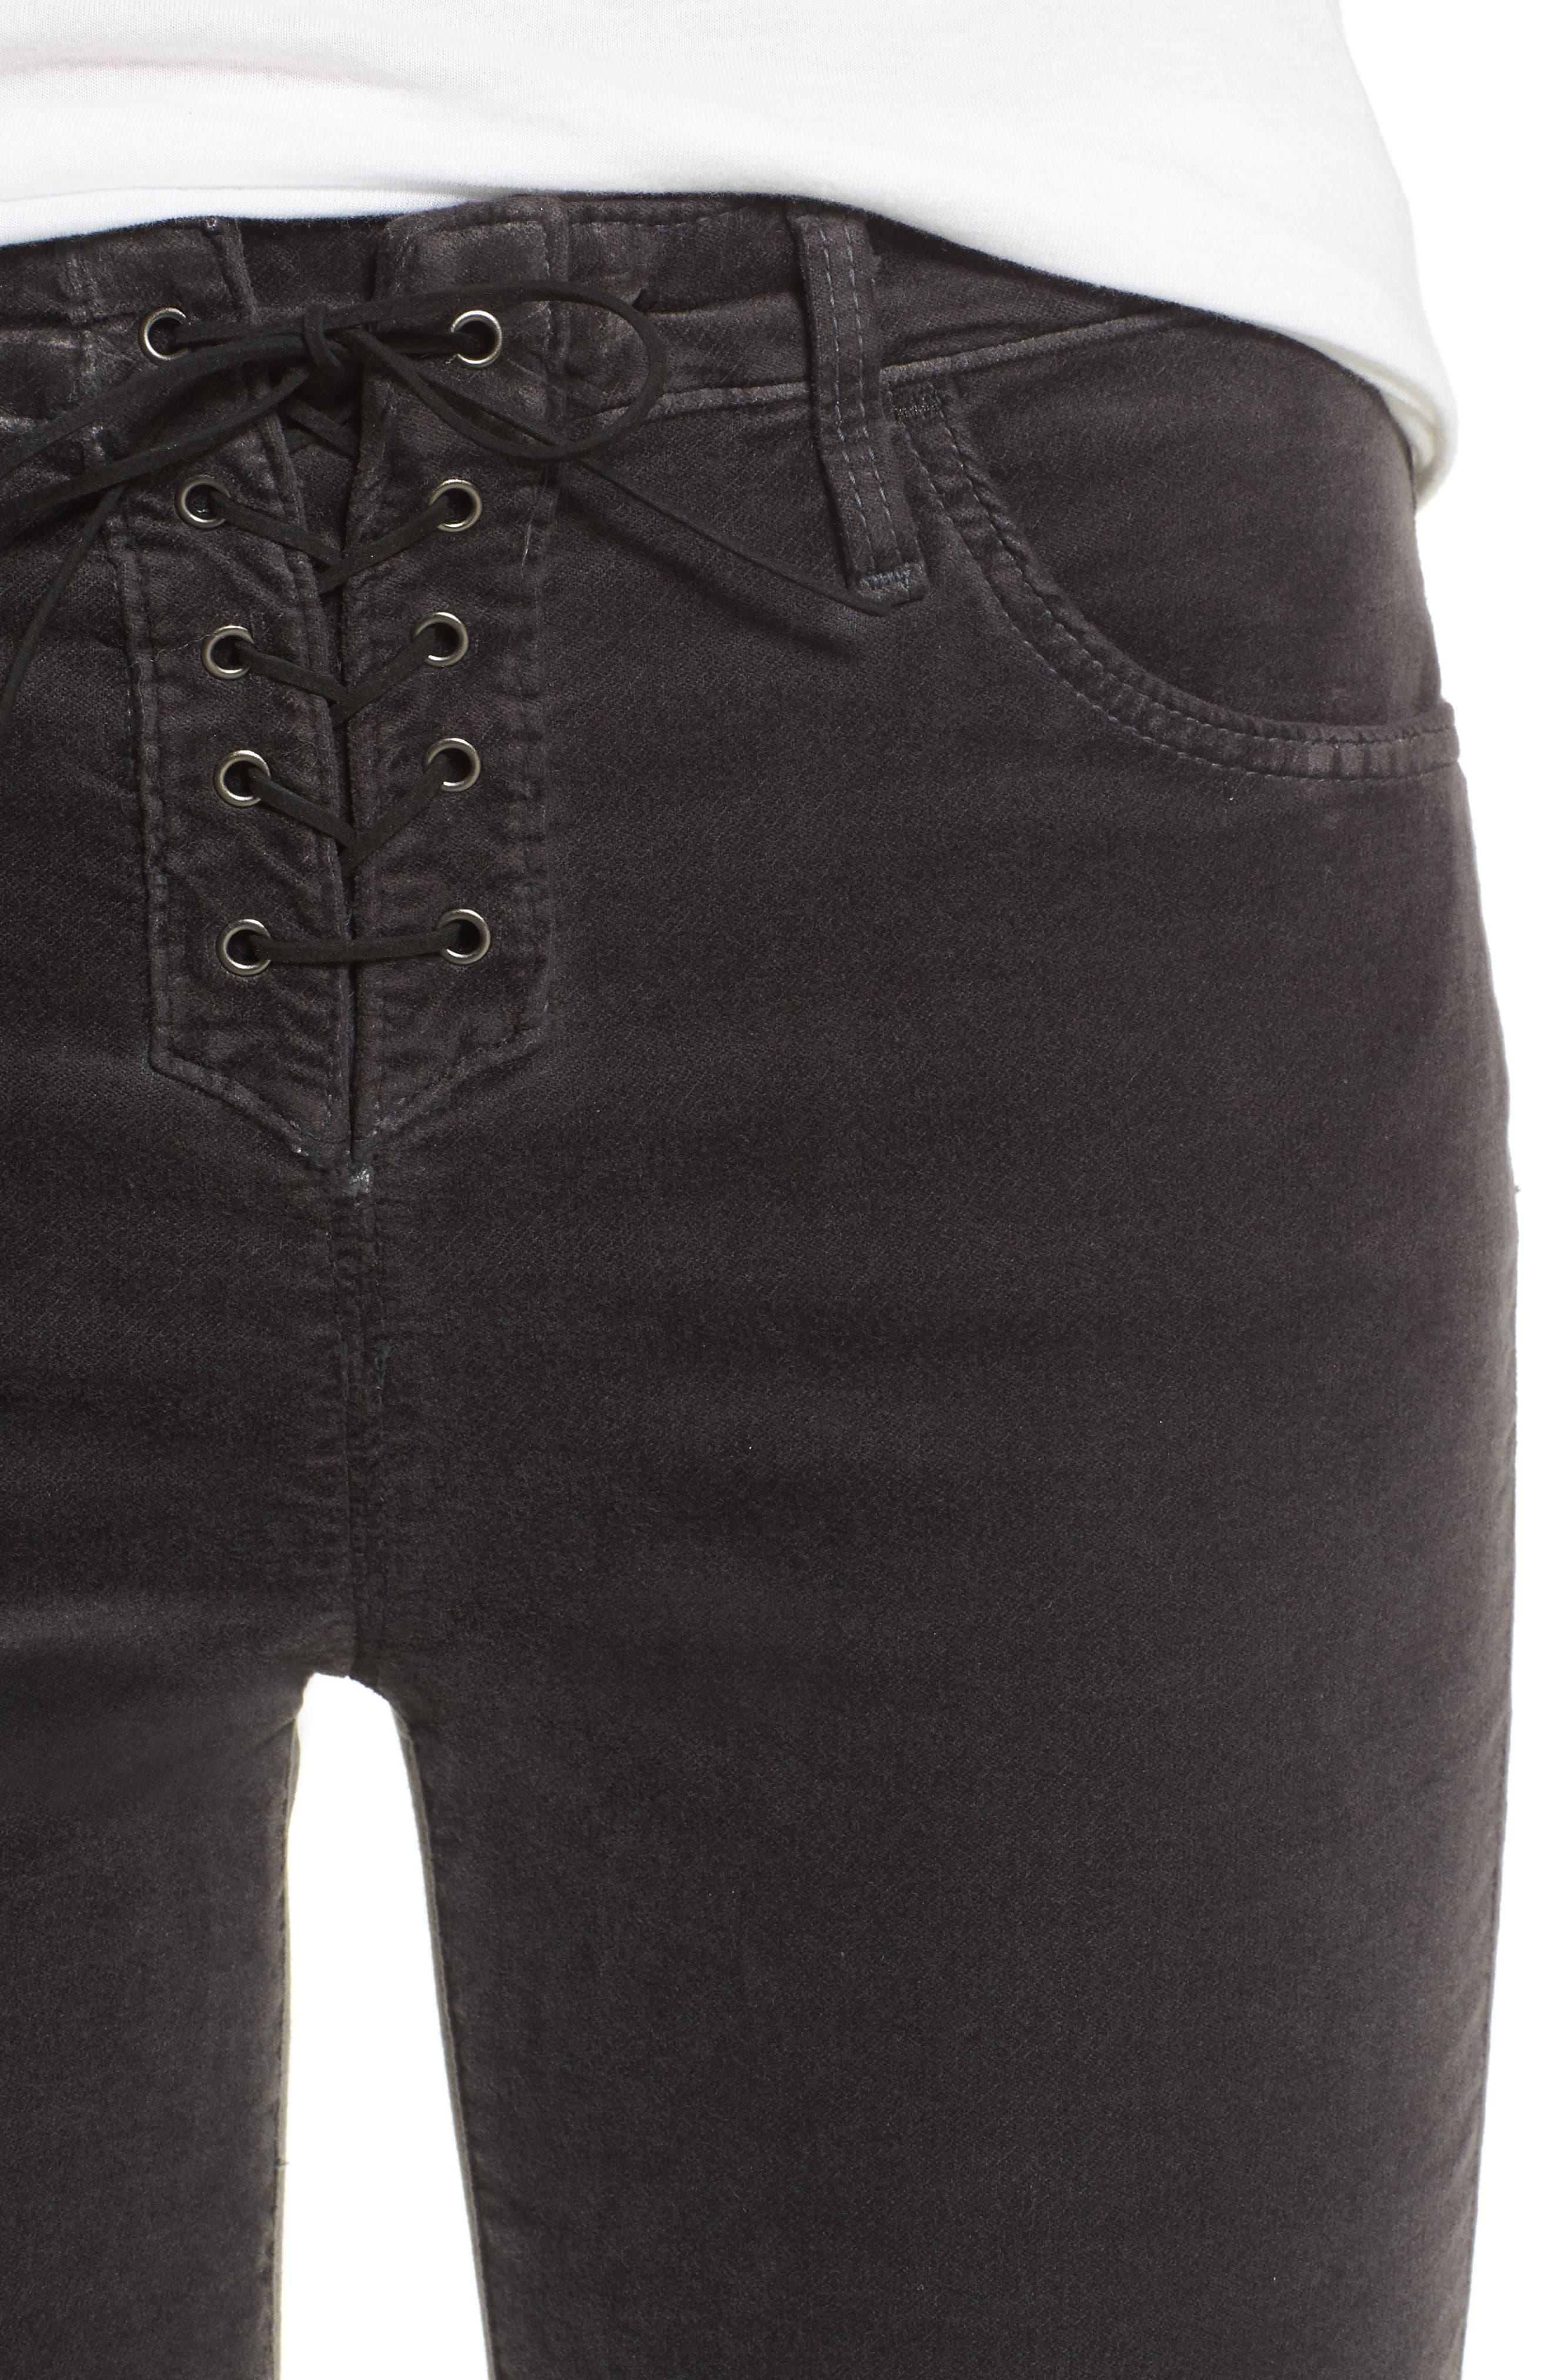 Jodi Lace-Up Crop Jeans,                             Alternate thumbnail 4, color,                             003